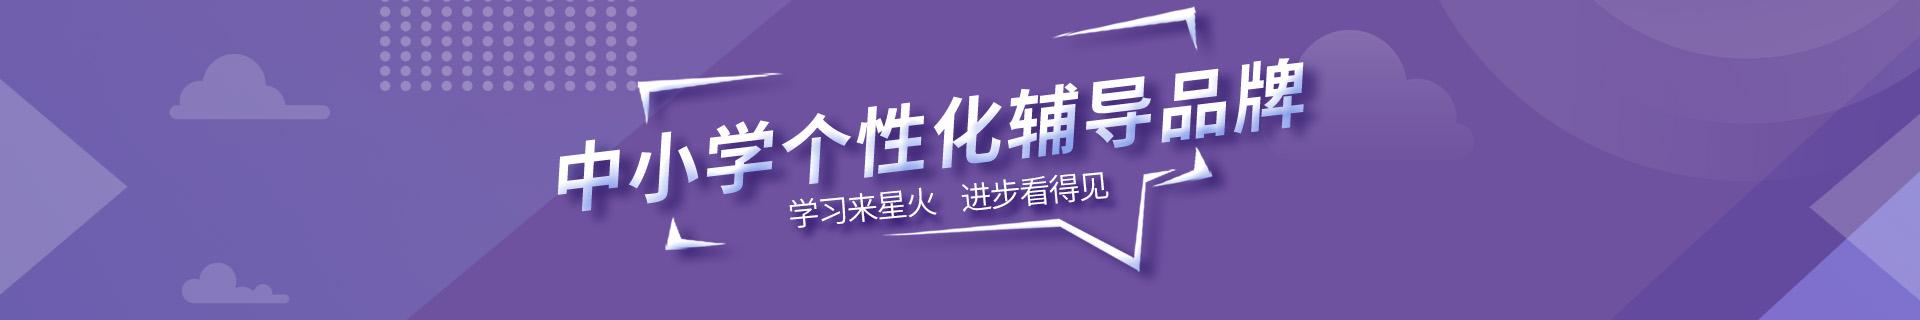 苏州张家港白鹿星火教育机构